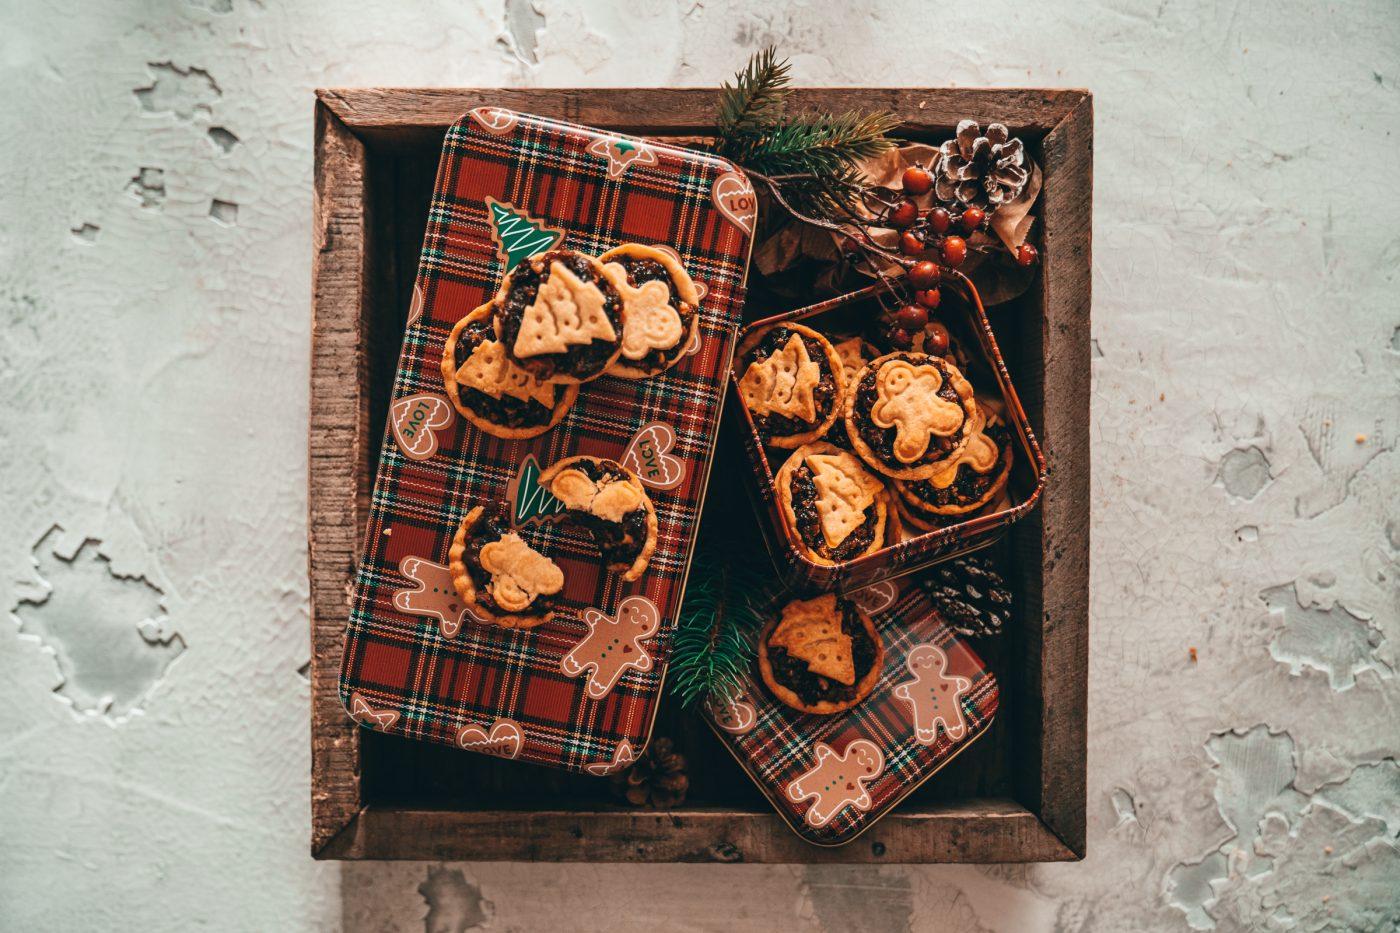 Mince Pie 11 | Weihnachten ohne einige Plätzchenklassiker geht einfach nicht, trotzdem schauen wir auch in jedem Jahr gerne über den Tellerrand und lassen uns von den Klassikern aus dem Ausland inspirieren! Dieses Jahr war es nicht so weit und wir sind bei den Weihnachtsrezepten aus Großbritannien hängen geblieben - dabei fiel uns der Begriff Mincemeatimmer wieder ins Auge. Als uns klar wurde, was das ist, mussten wir direkt in die Küche und herausgekommmen sind diese unwiderstehlichen Mince Pies.